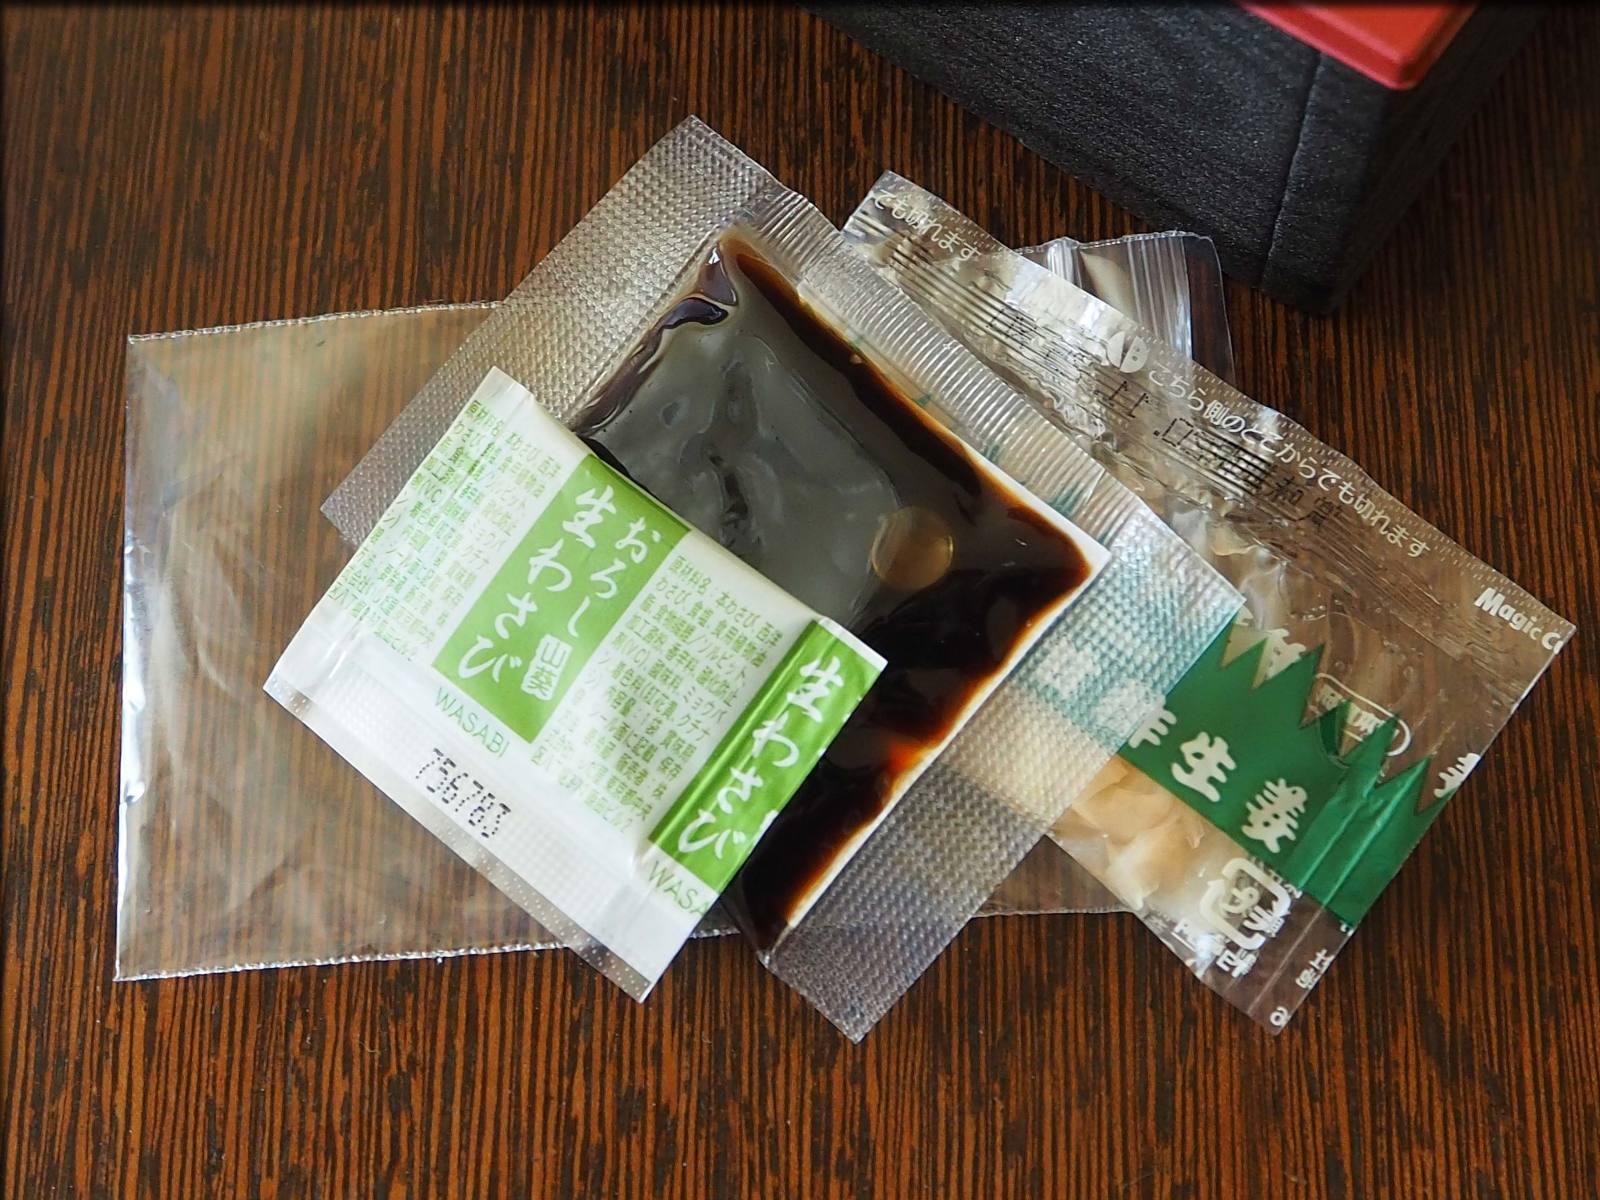 日本橋 玉ゐの煮あなご弁当@人形町店_b0054329_09161183.jpg